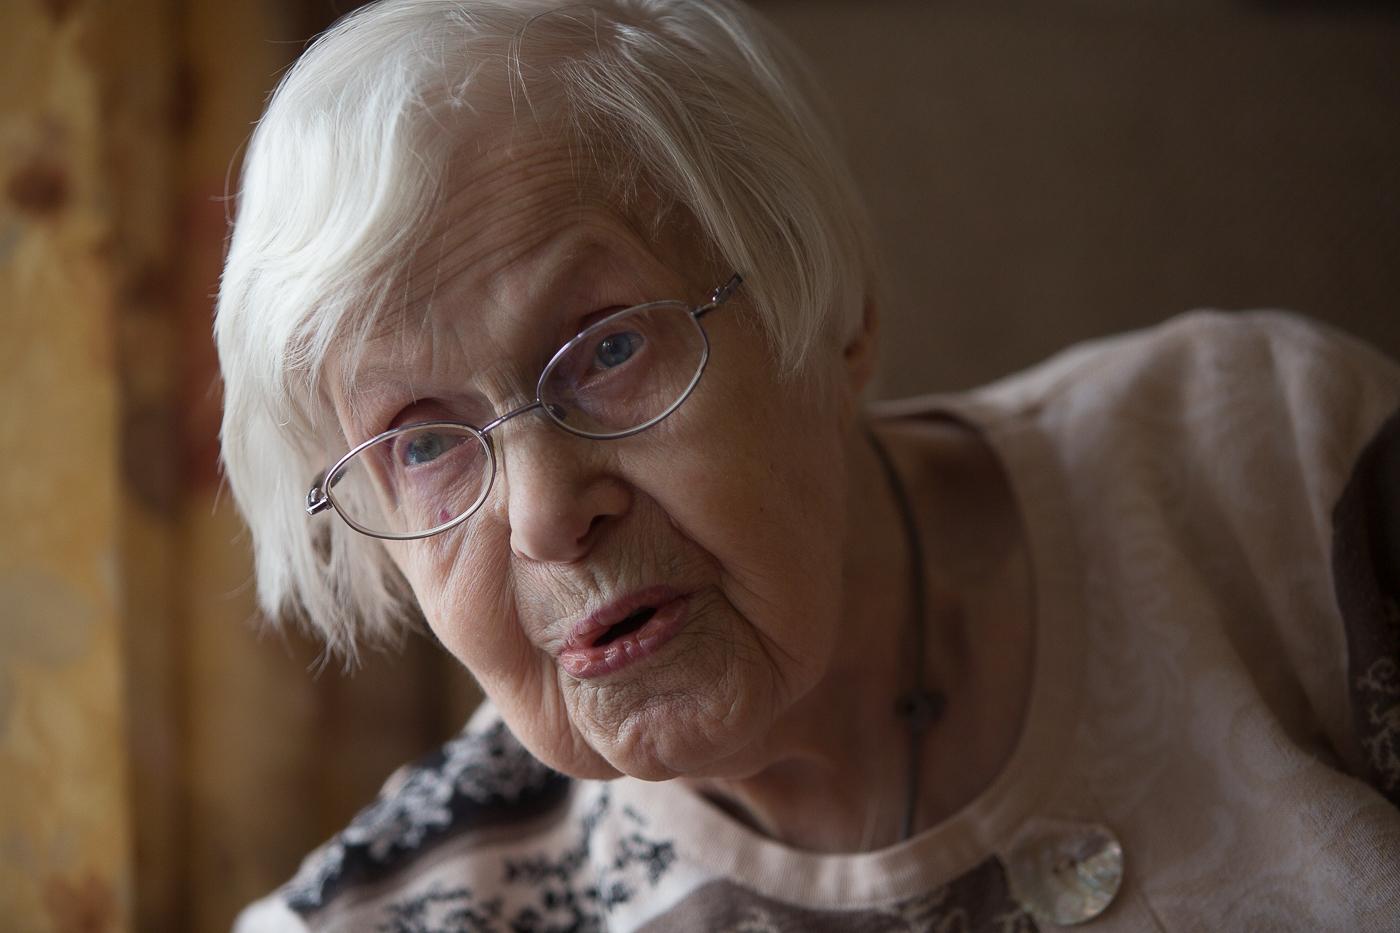 100 årige Agnes Borregaard på plejehjemmet Solgården i Fjerritslev fik sent børn. Hun var 27 år, da hun fik sit første barn. Foto: Jan Høst-Aaris